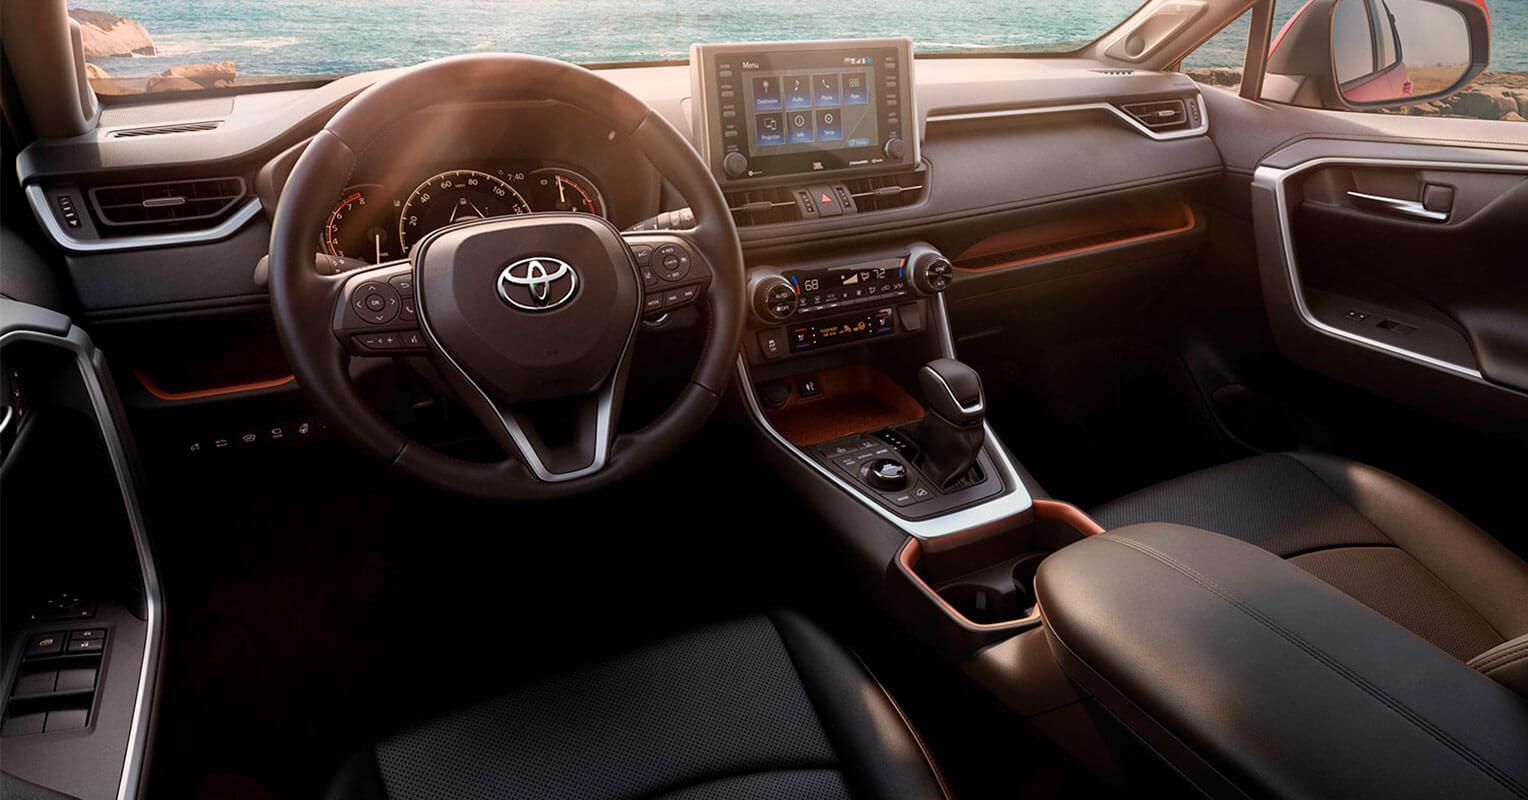 Toyota RAV4 2019 interior